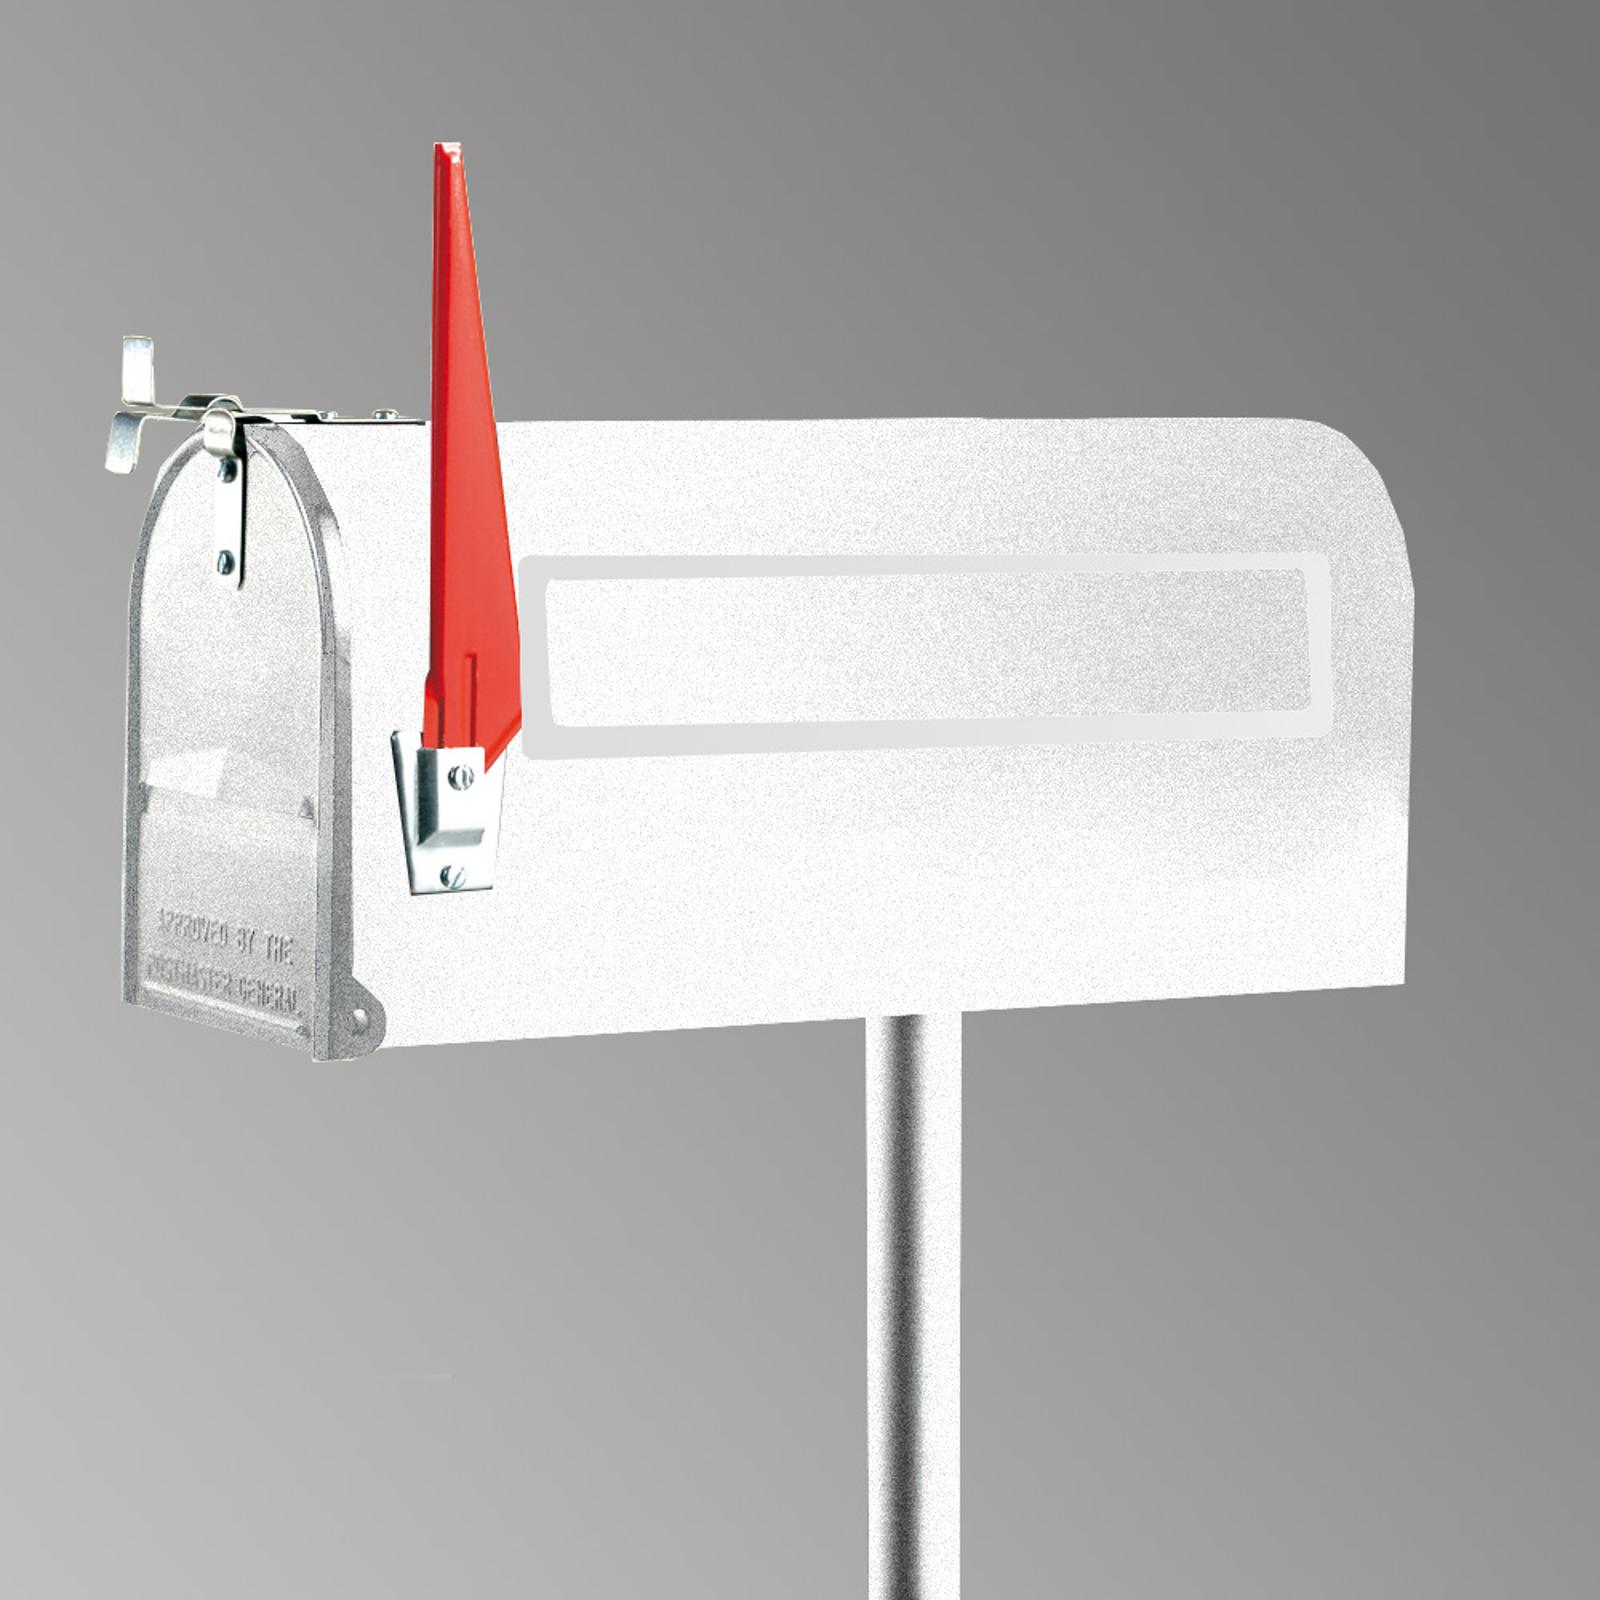 U.S. MAILBOX con bandera giratoria, blanco